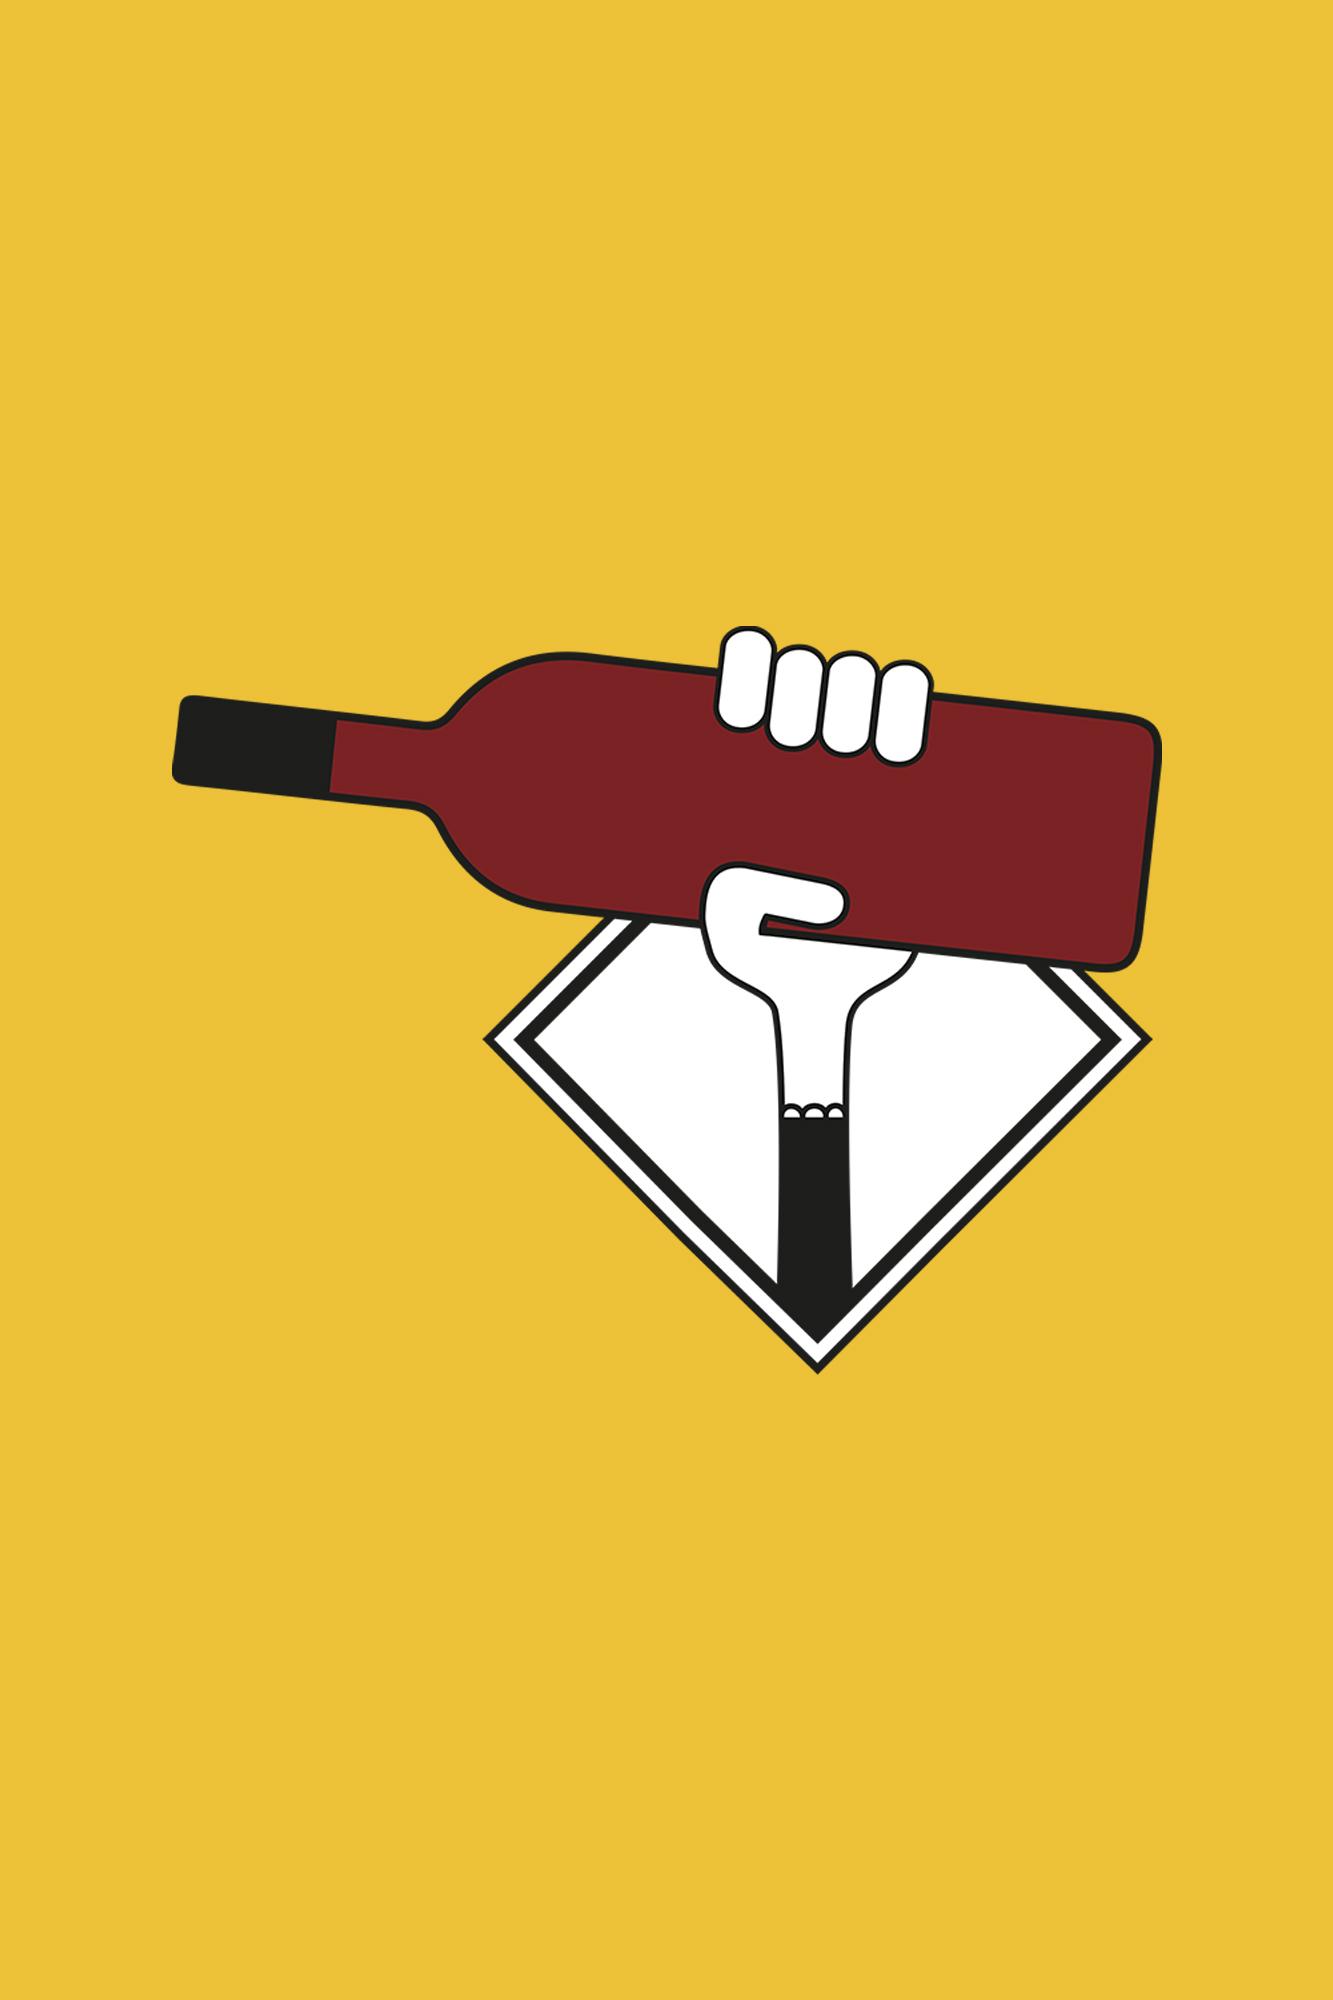 bordeaux bouteille femme bocavi Tshirt vin